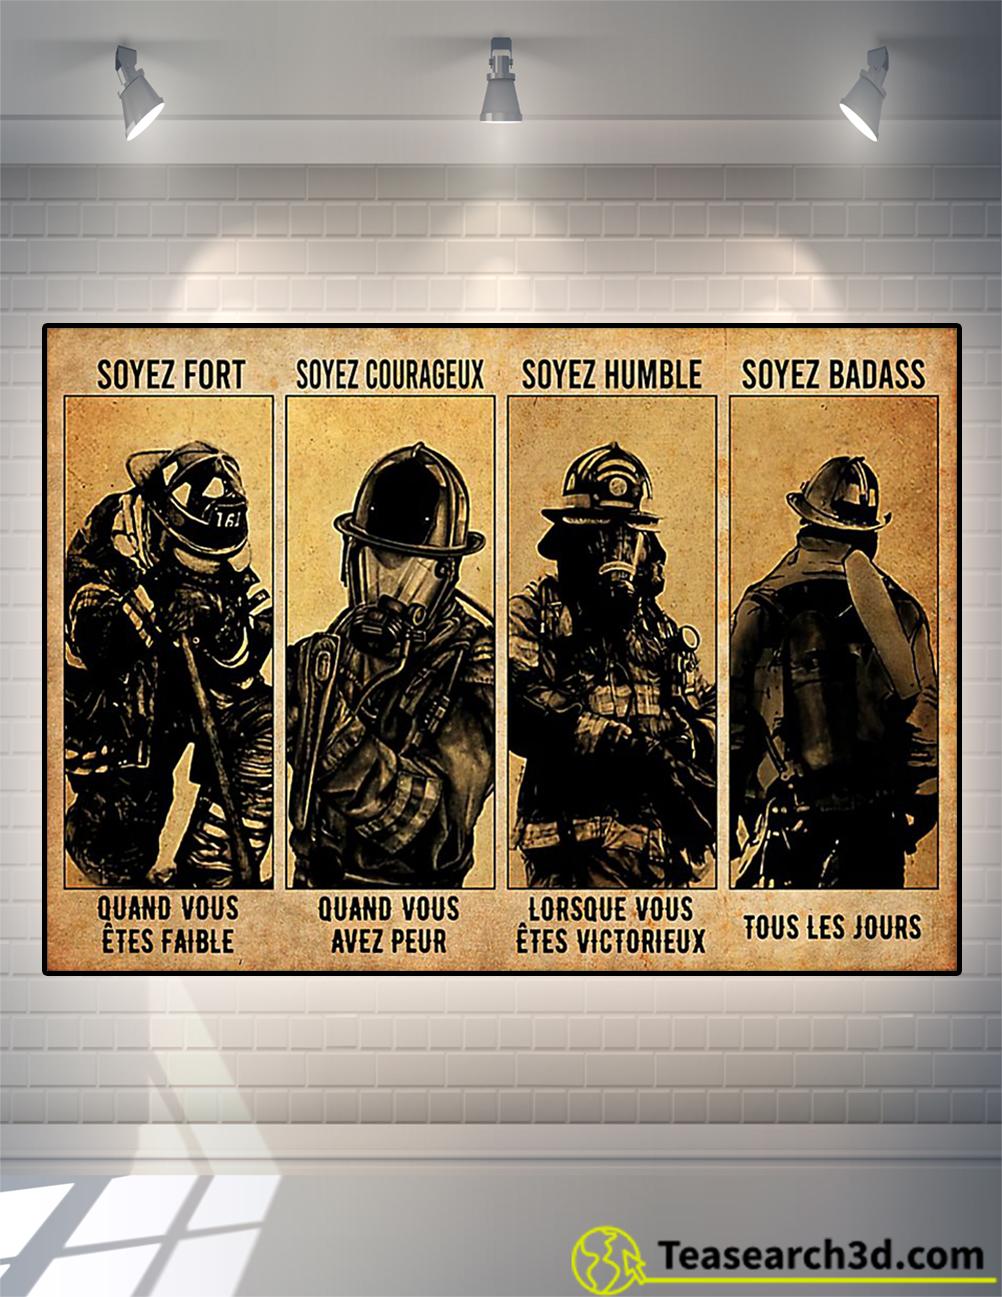 Sapeur pompier soyez fort soyez courageux soyez humble soyez badass affiche